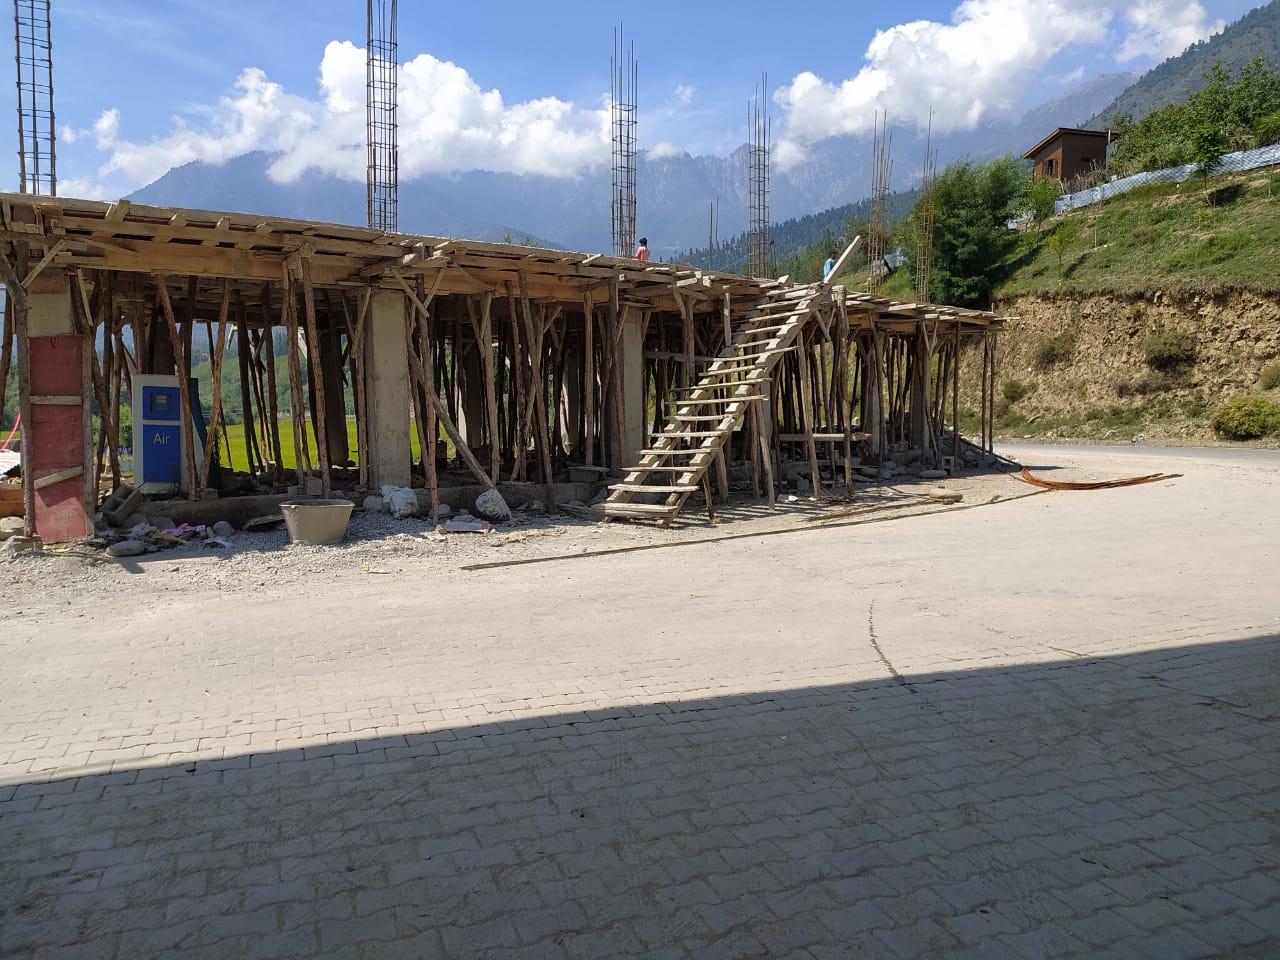 श्रीनगर-लेह राजमार्ग के साथ अवैध निर्माण का कोई अंत नहीं, राजस्व विभाग कहीं नहीं दिखता